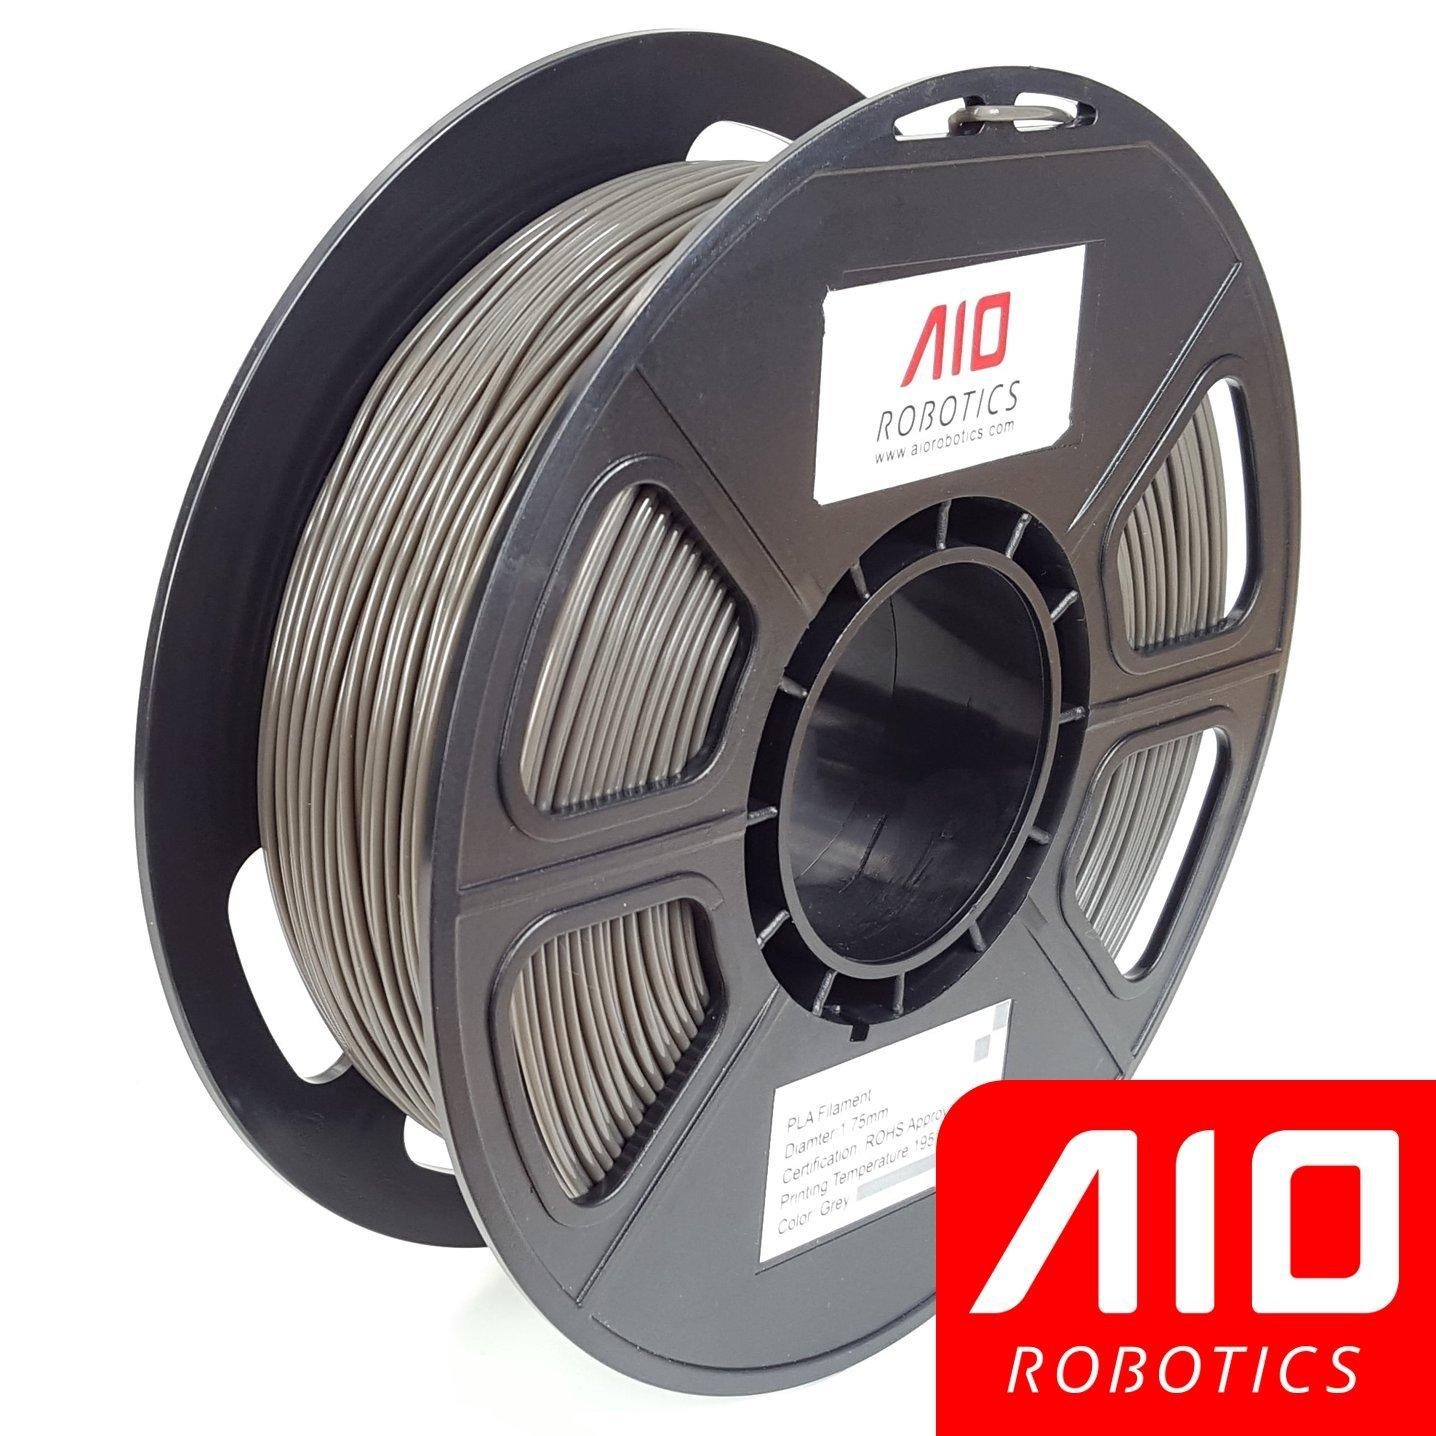 Filamento AIO Robotics Premium para impresoras 3D, PLA, 0,5 kg PLA ...